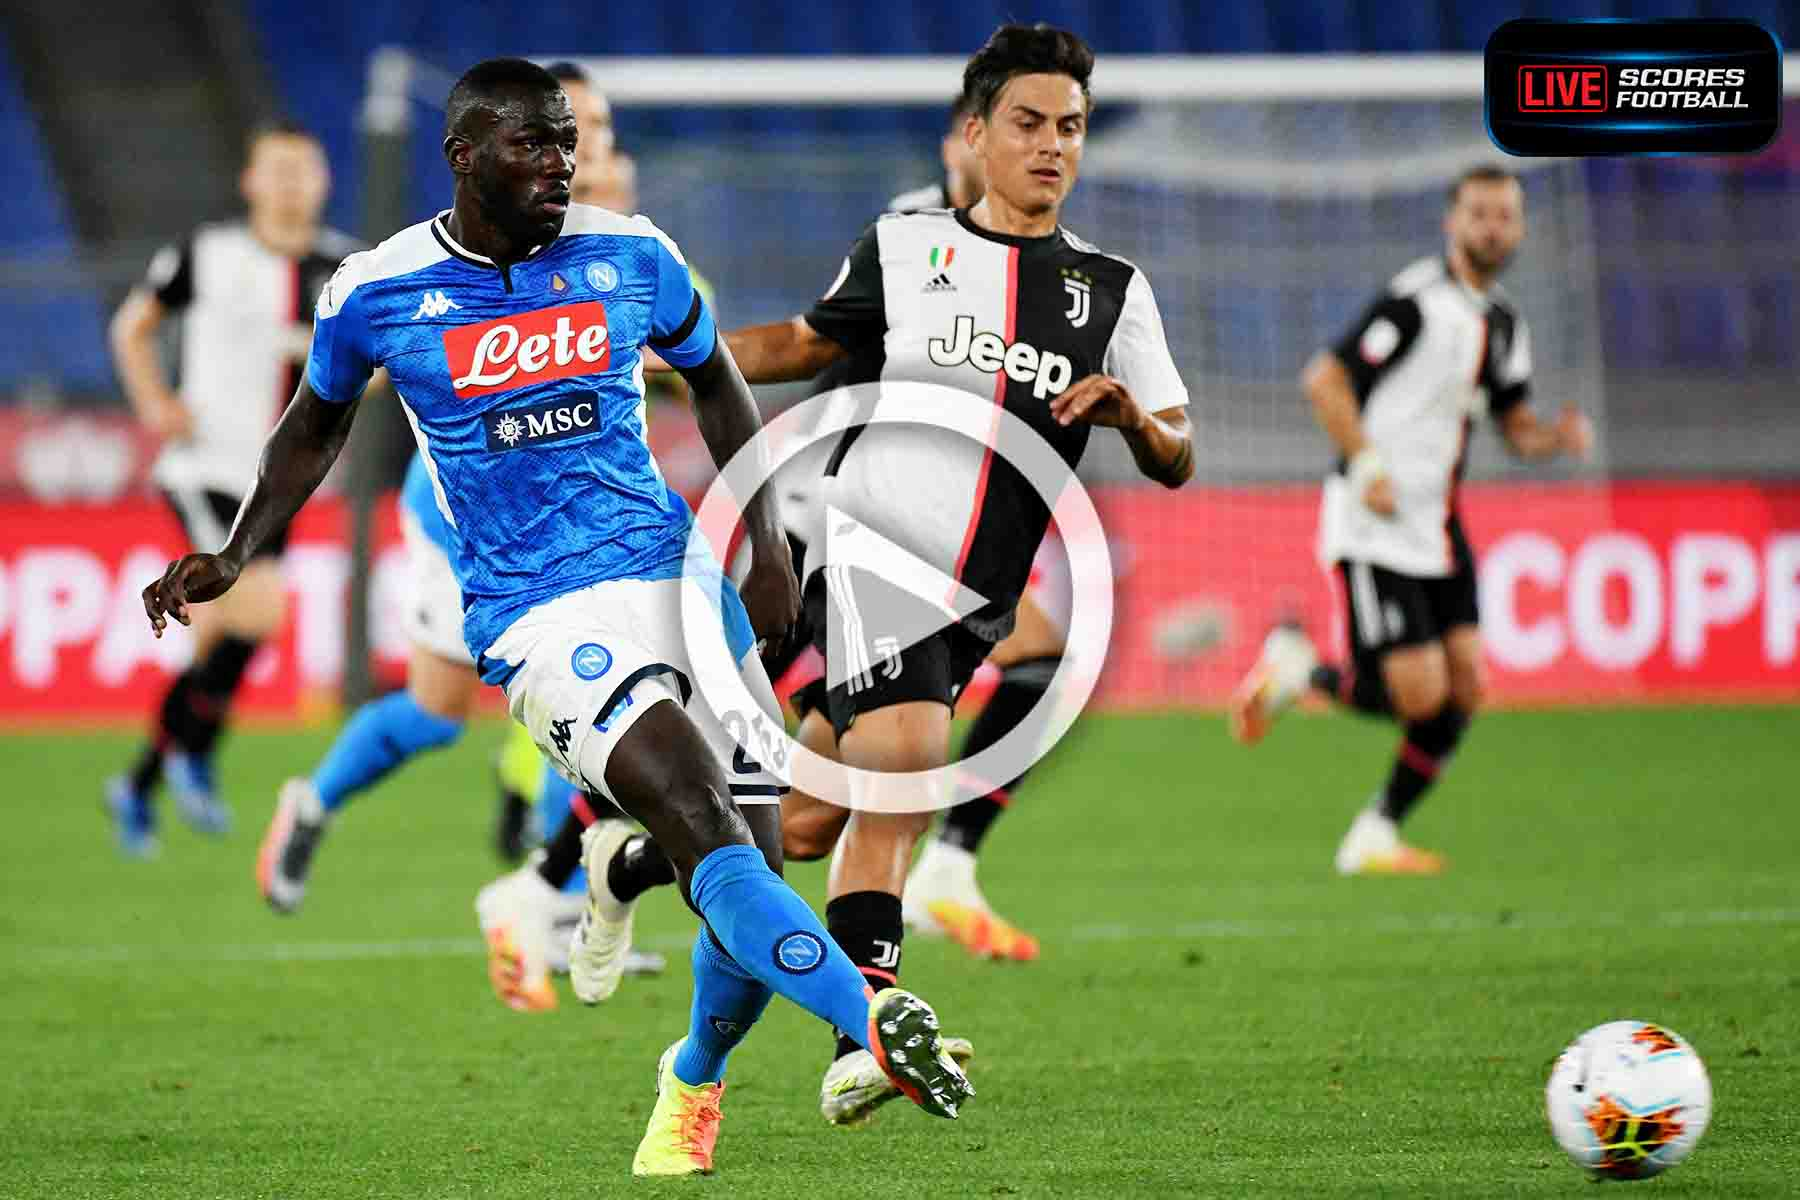 ไฮไลท์คู่เด็ด COPPA ITALIA นาโปลี 0-0 ยูเวนตุส (จุดโทษ 4-2 ) 17-6-2020